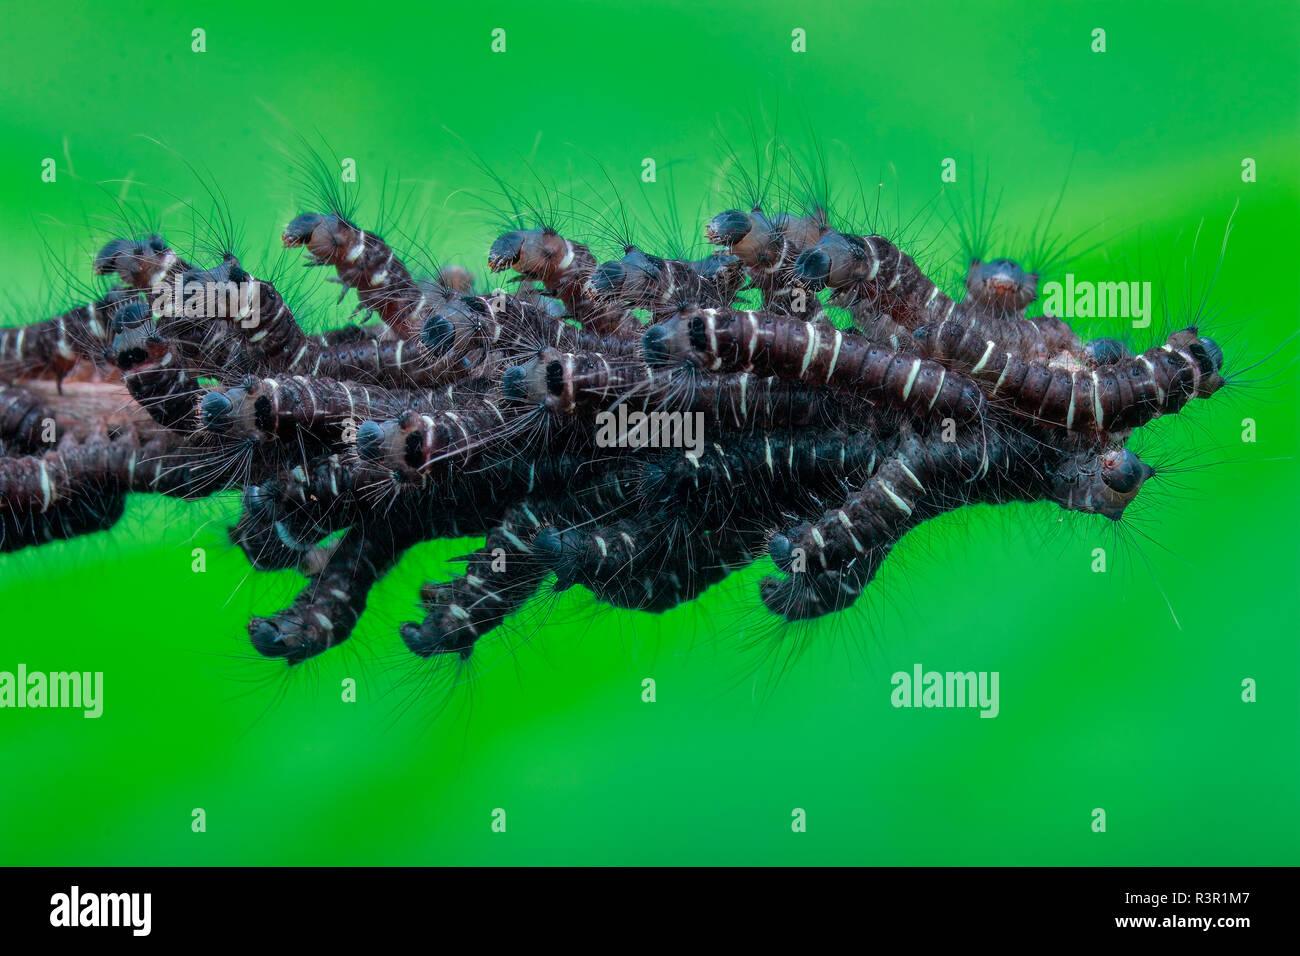 Eine Armee von Raupen auf einem toten Zweig. Stockbild